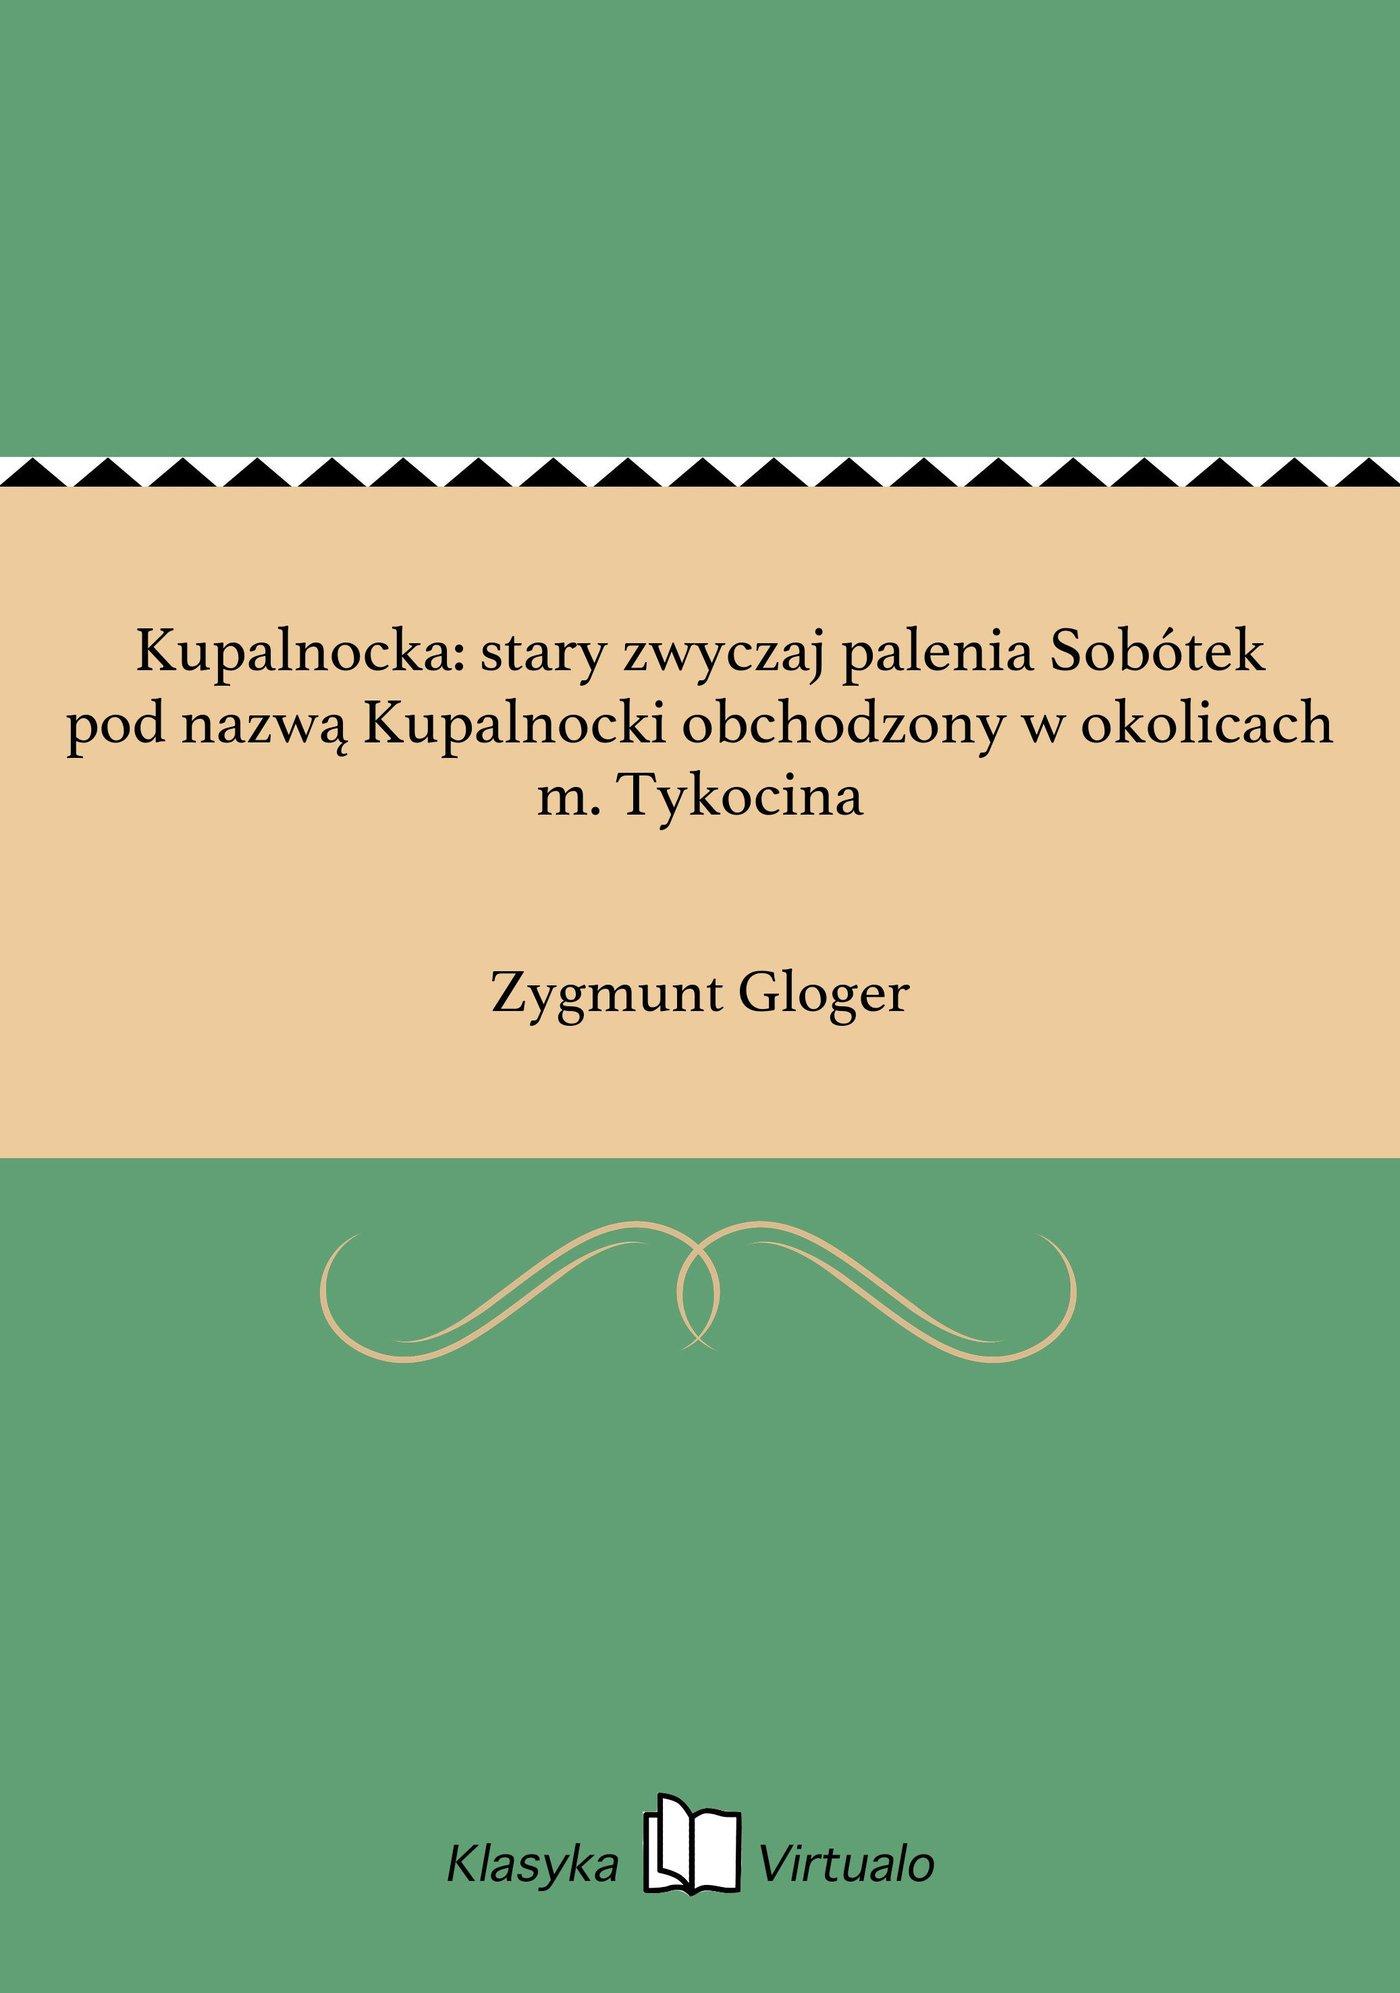 Kupalnocka: stary zwyczaj palenia Sobótek pod nazwą Kupalnocki obchodzony w okolicach m. Tykocina - Ebook (Książka EPUB) do pobrania w formacie EPUB